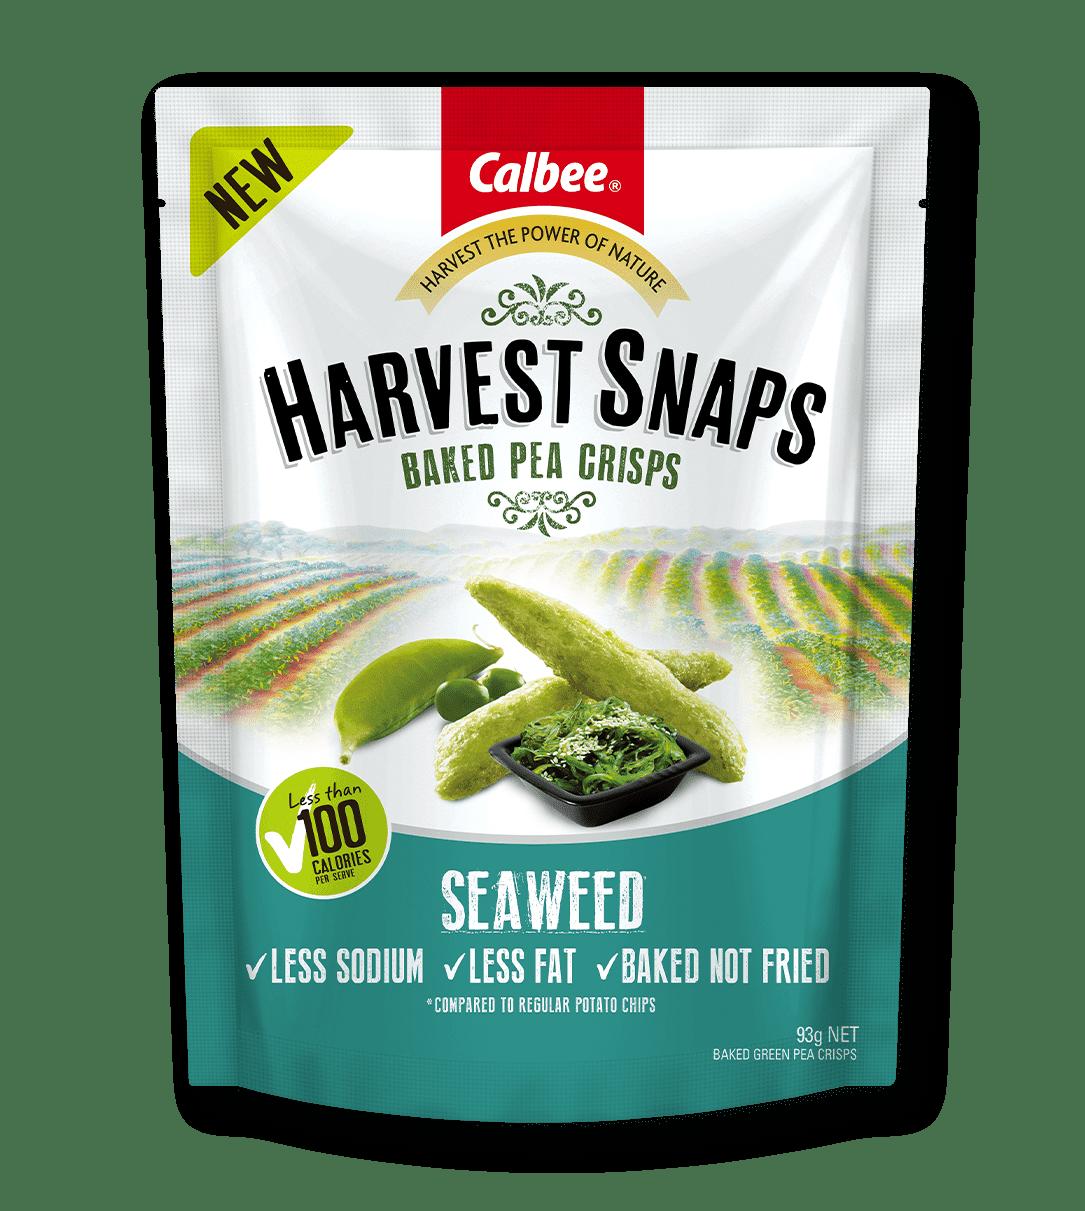 Calbee Australia - Harvest Snaps - Seaweed